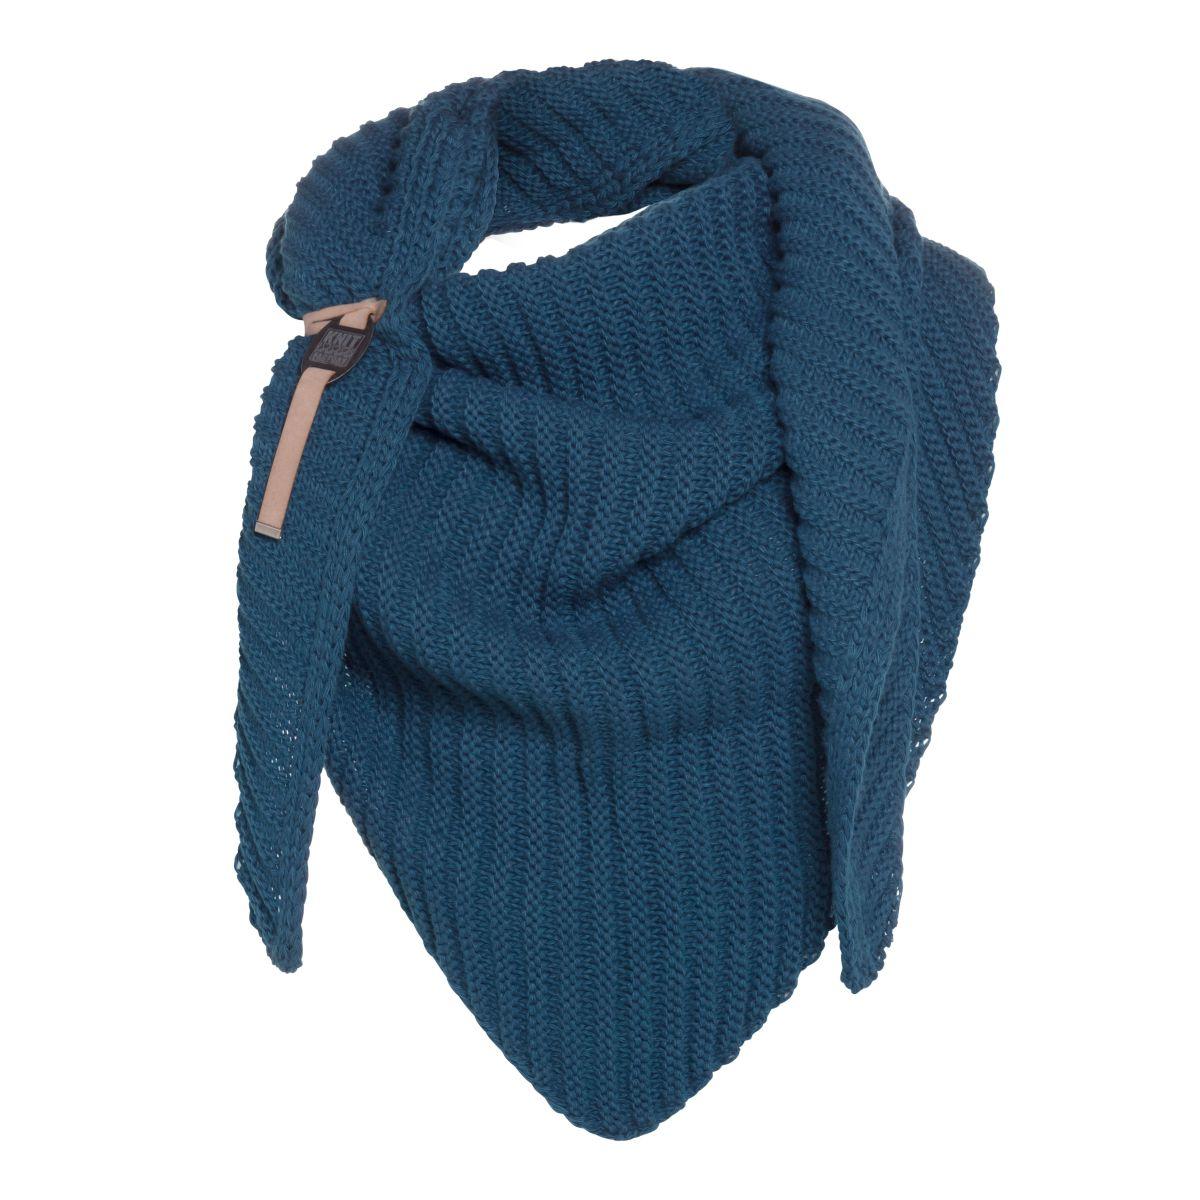 knit factory kf14706000850 demy omslagdoek petrol 1